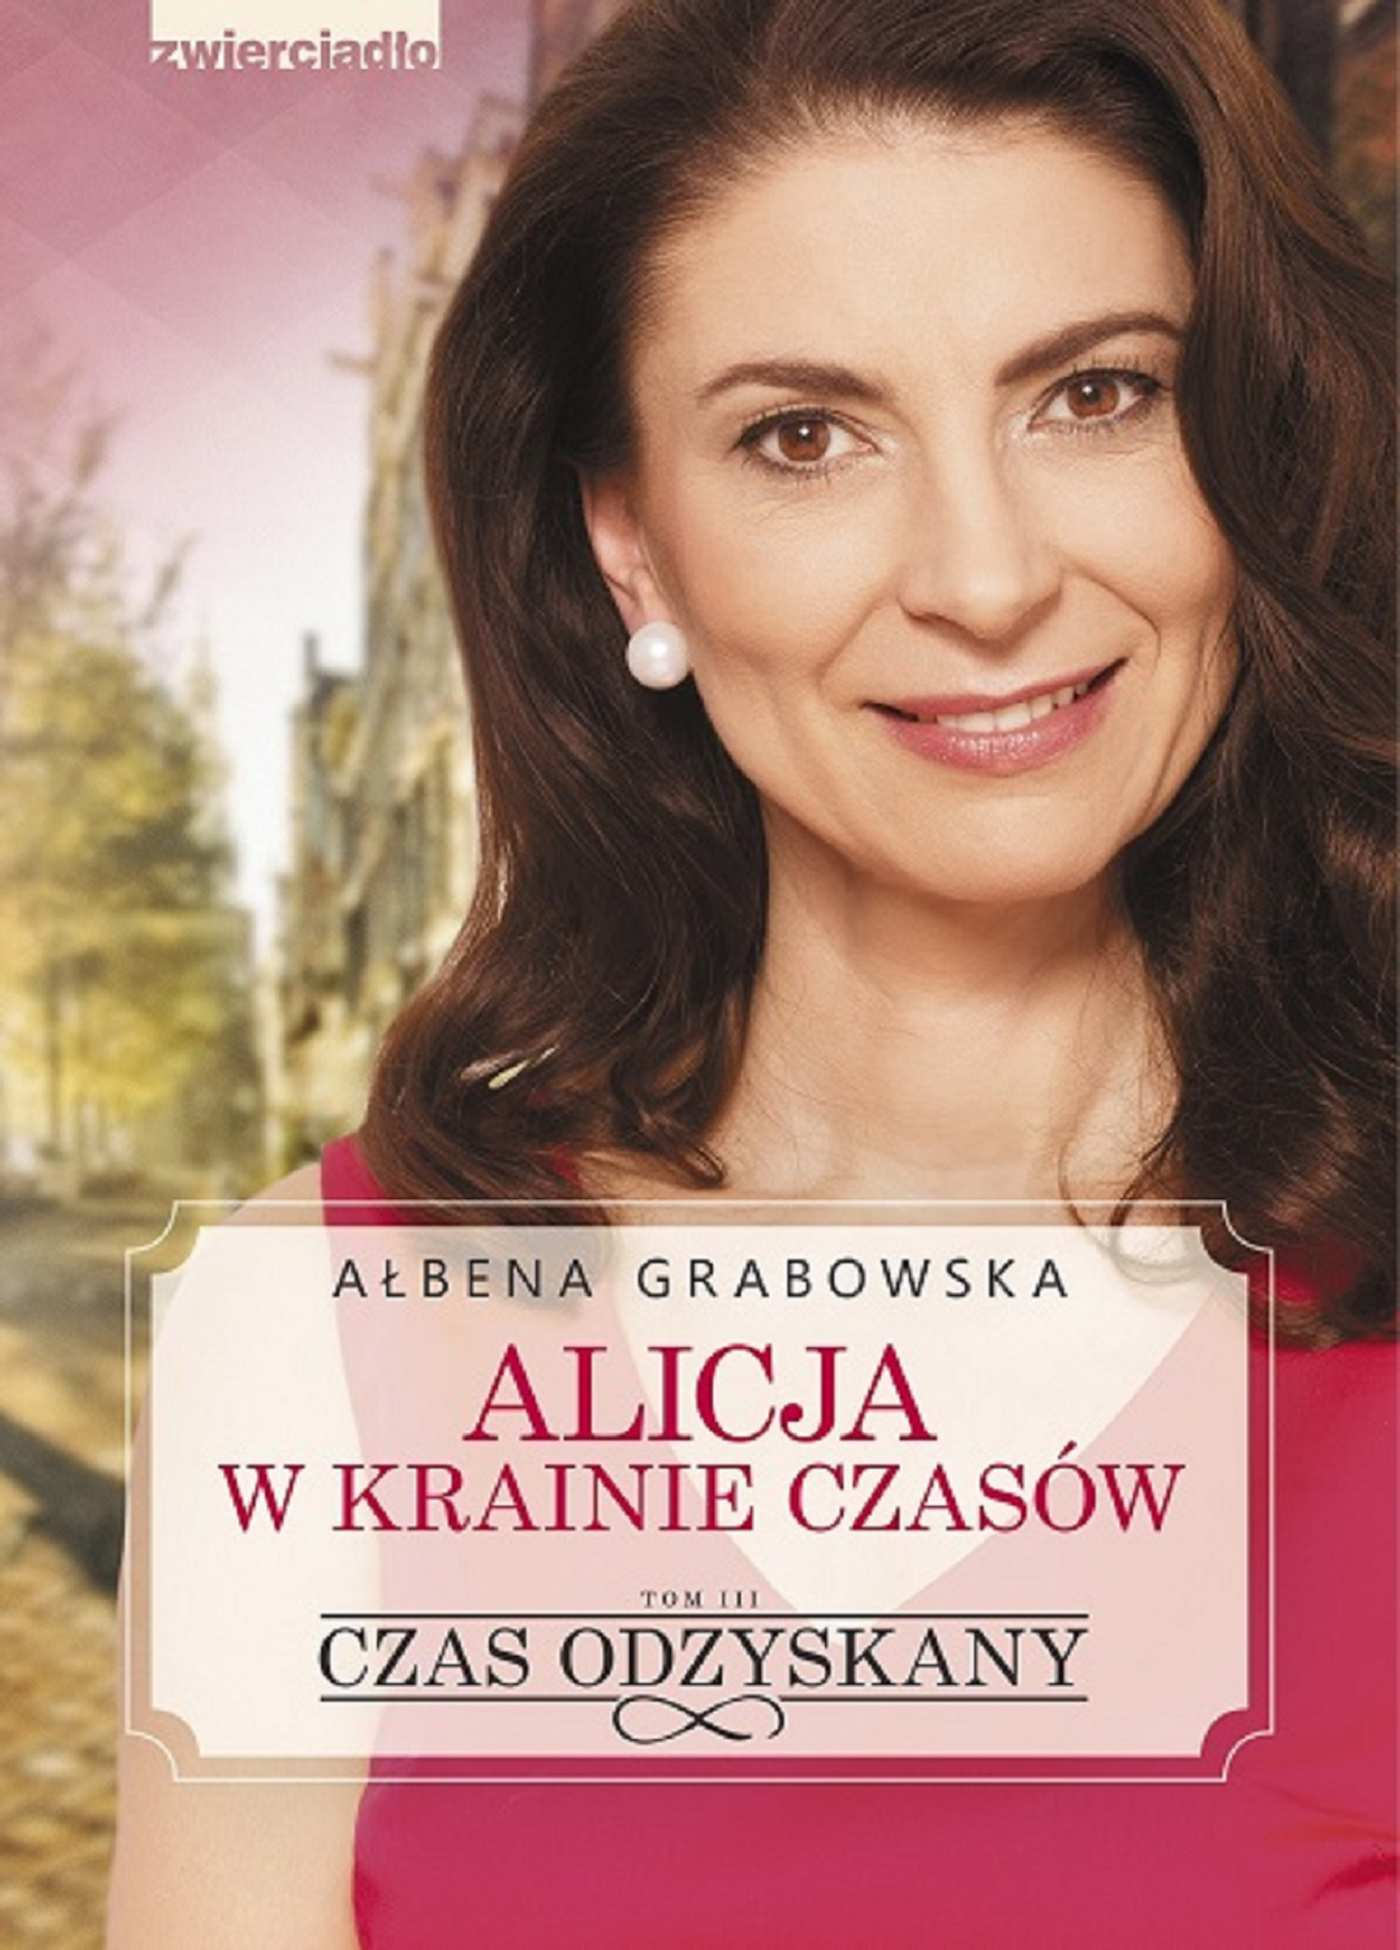 Alicja w krainie czasów. Czas odzyskany - Ebook (Książka na Kindle) do pobrania w formacie MOBI